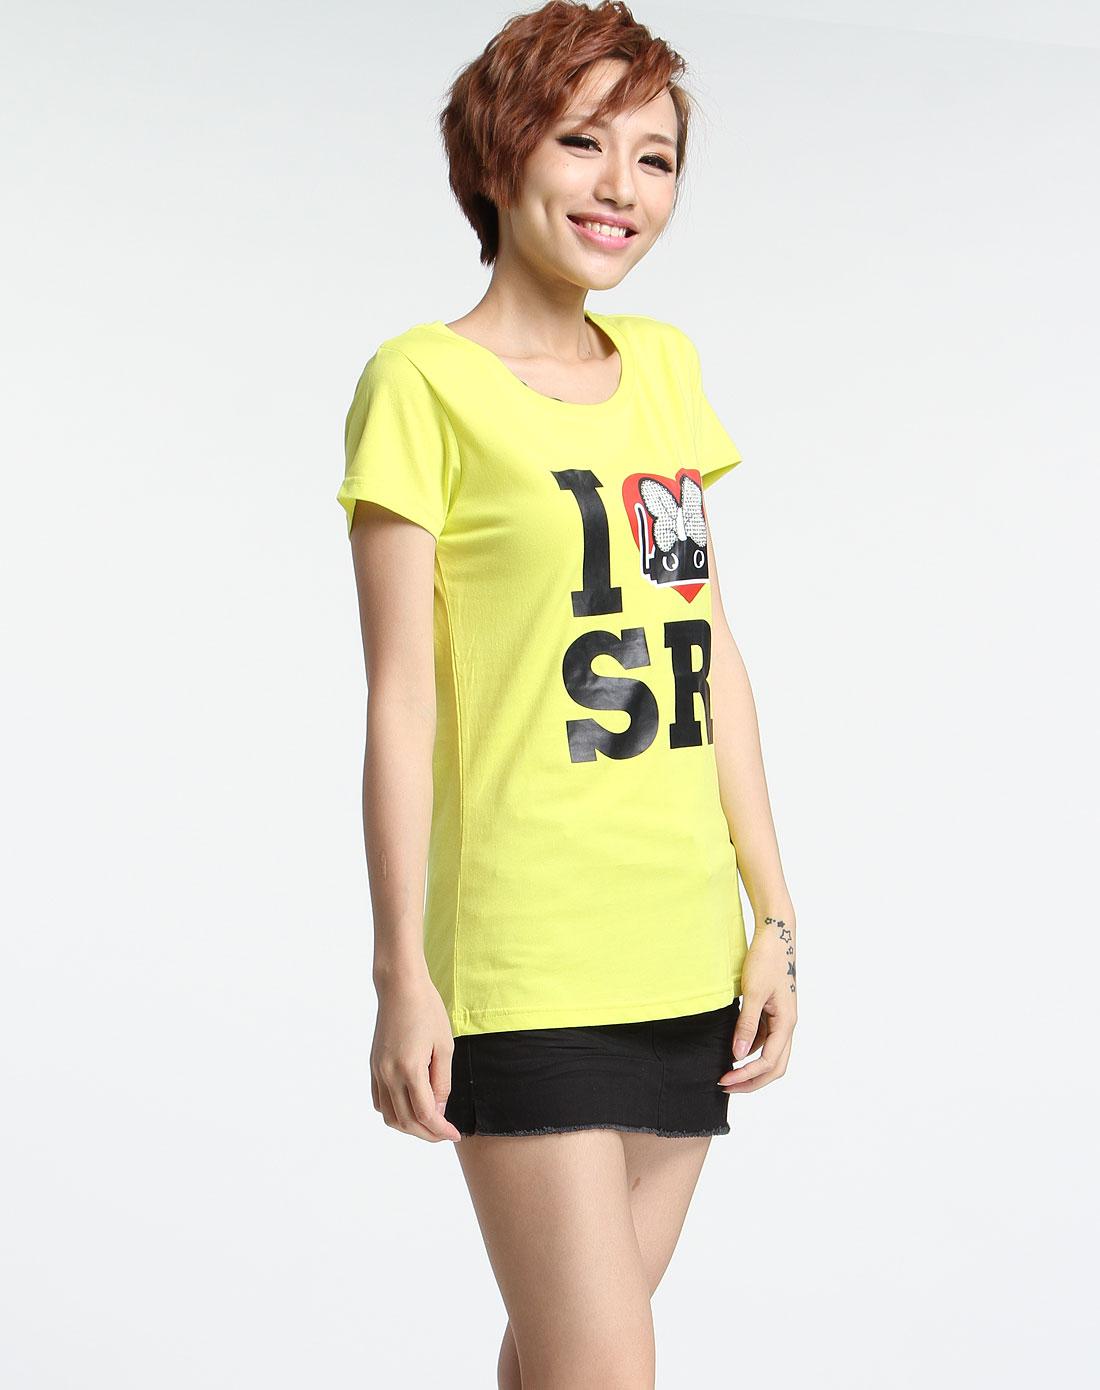 荧光黄色印图短袖t恤